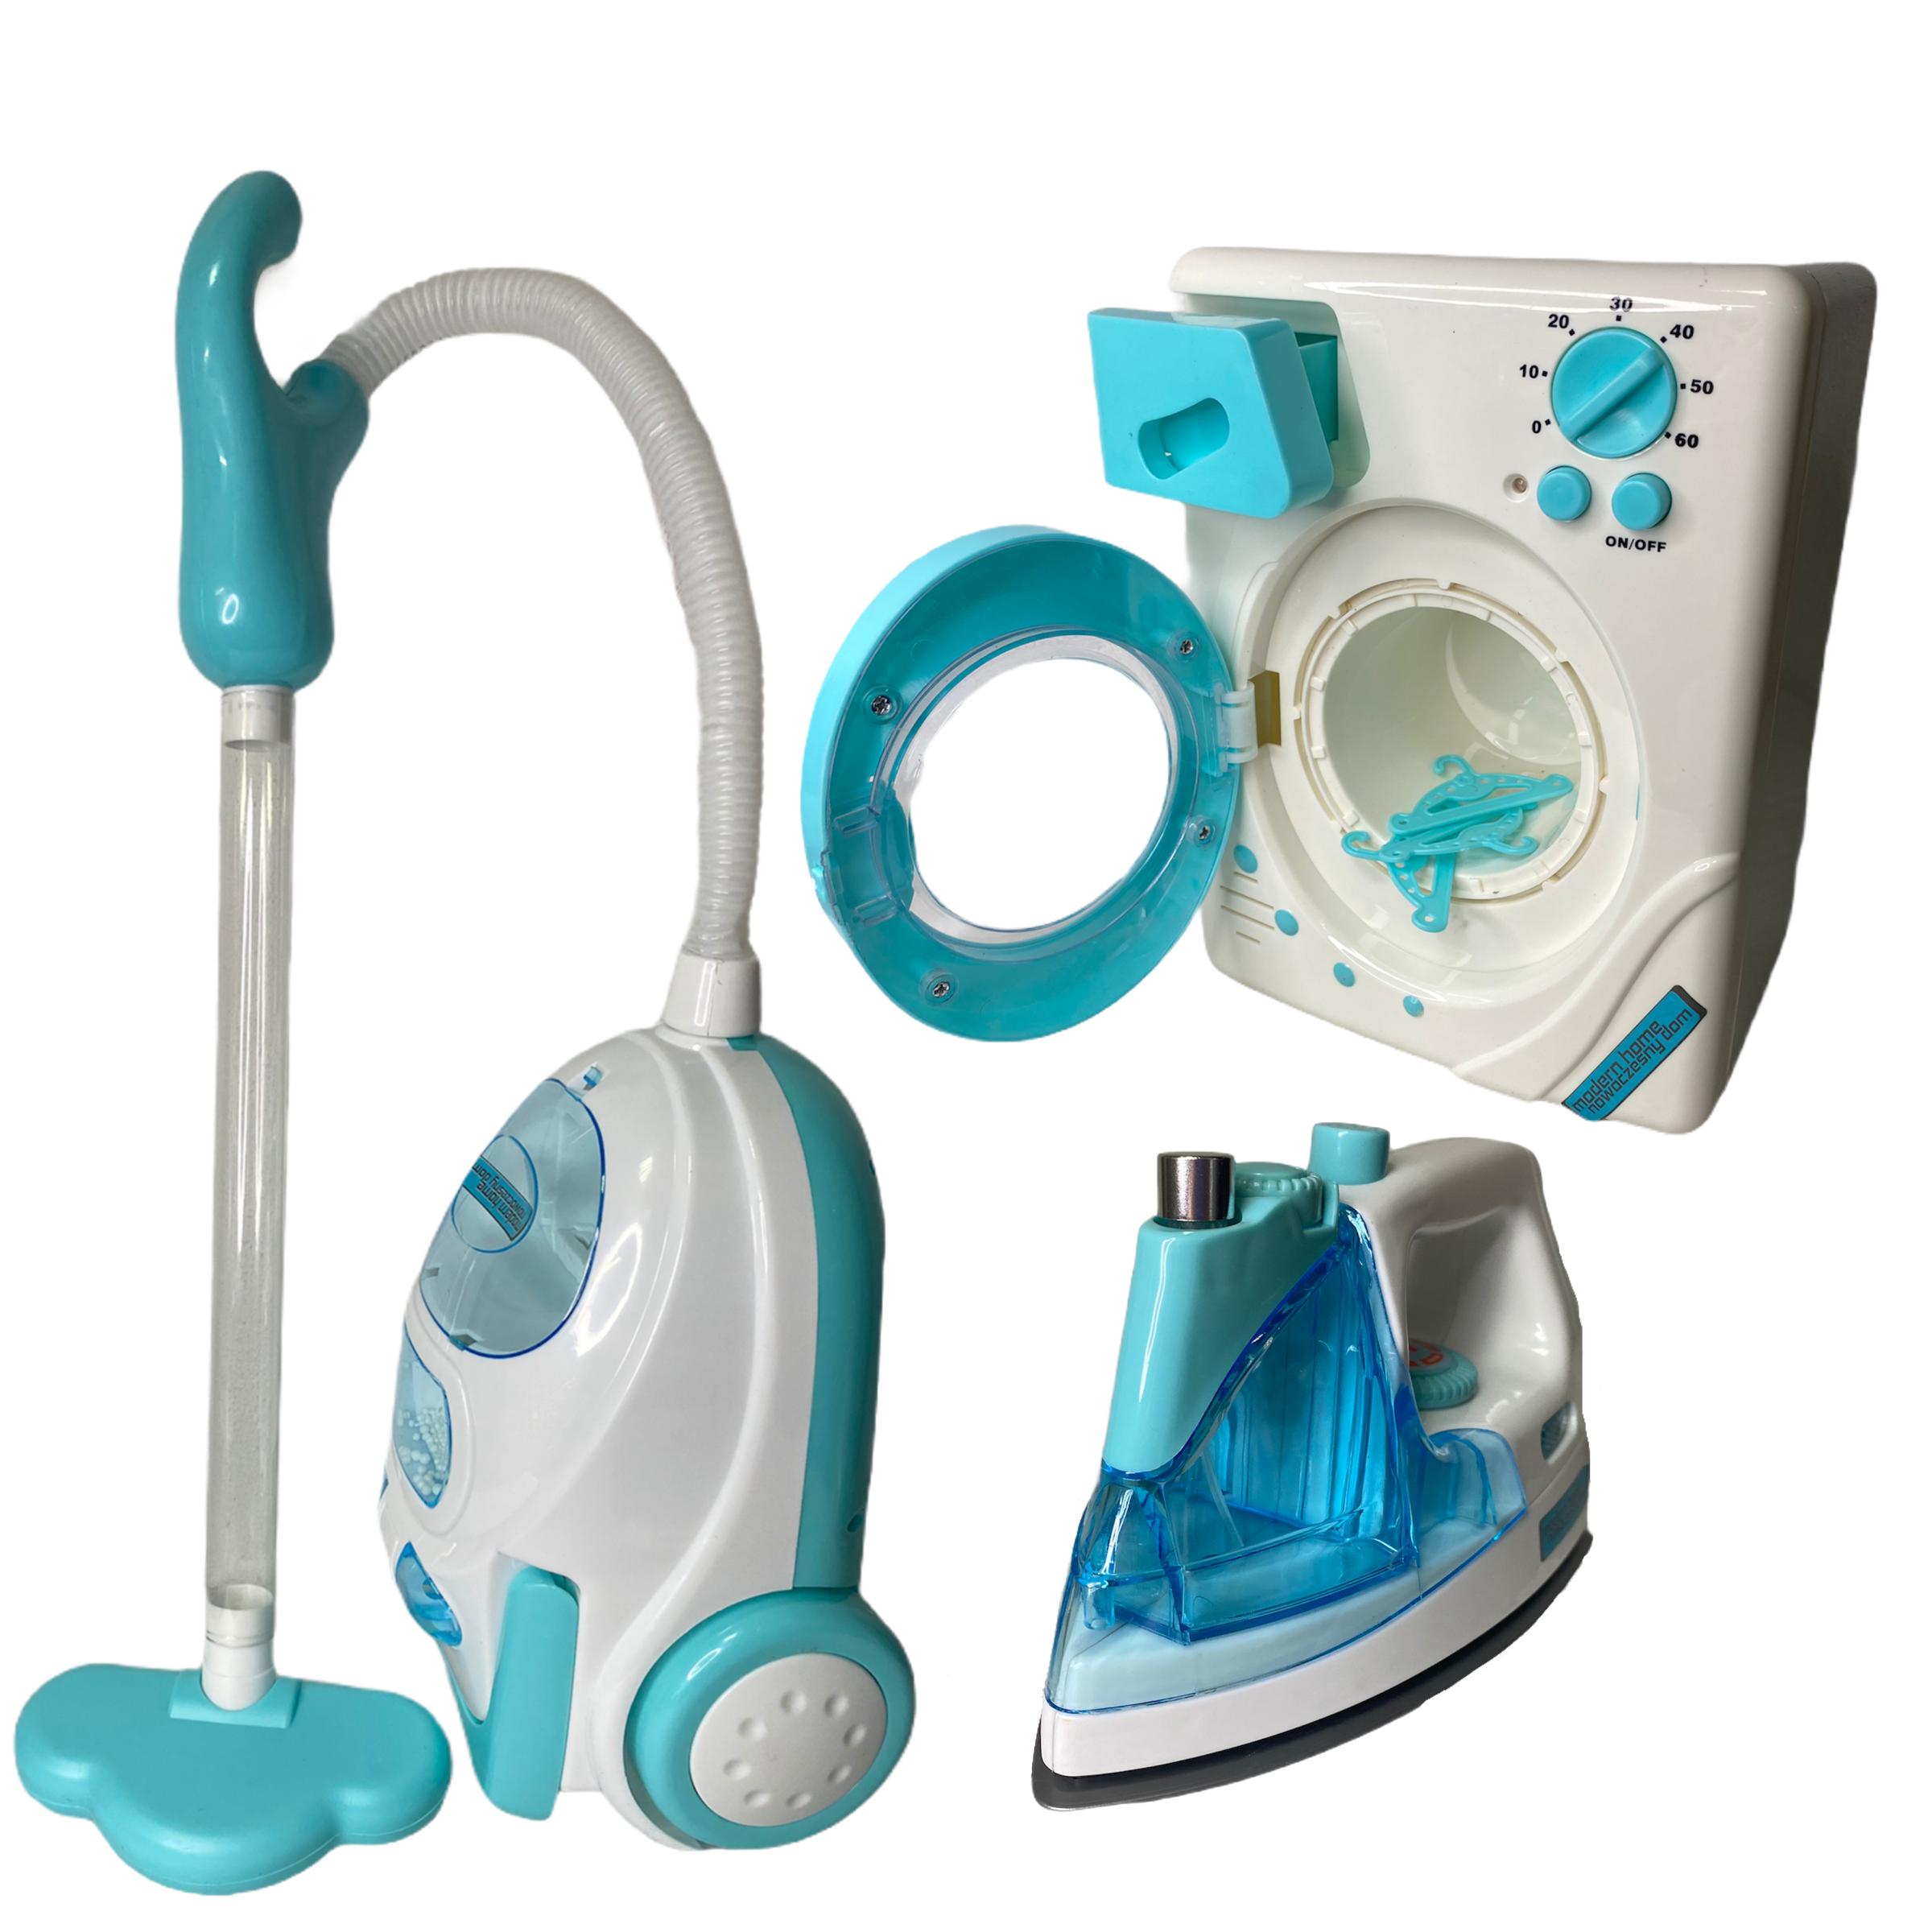 Zestaw AGD Pralka odkurzacz żelazko dla dzieci zabawkowe kuchenne domowe